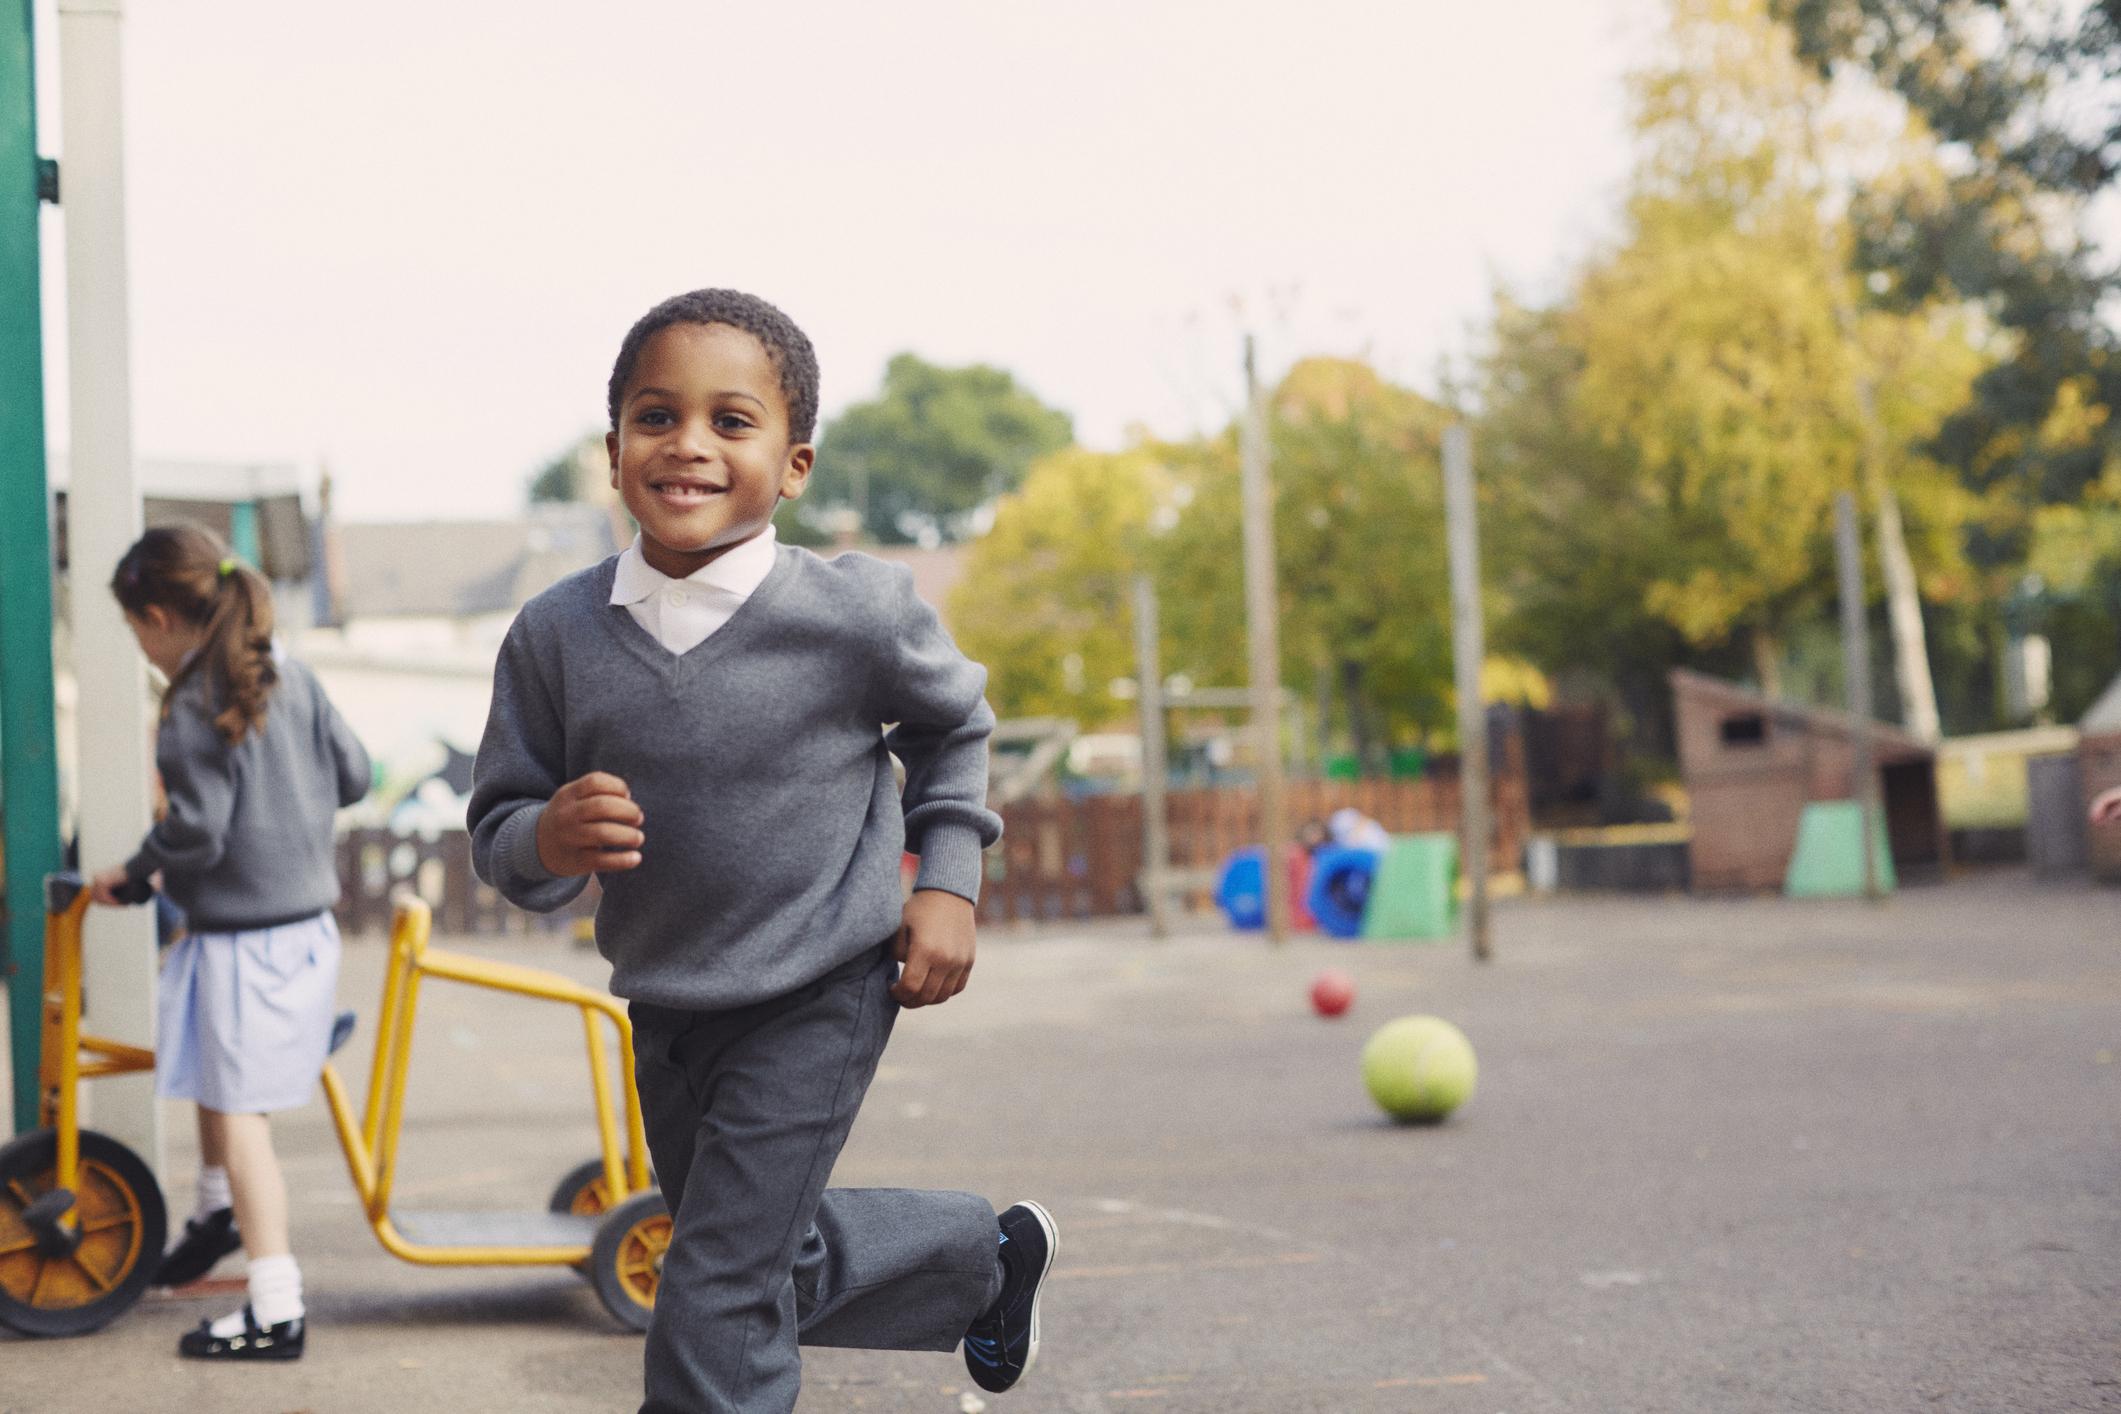 Garçon en uniforme scolaire courant dans la cour de l'école, quelque chose à demander lors de la visite d'une école primaire.